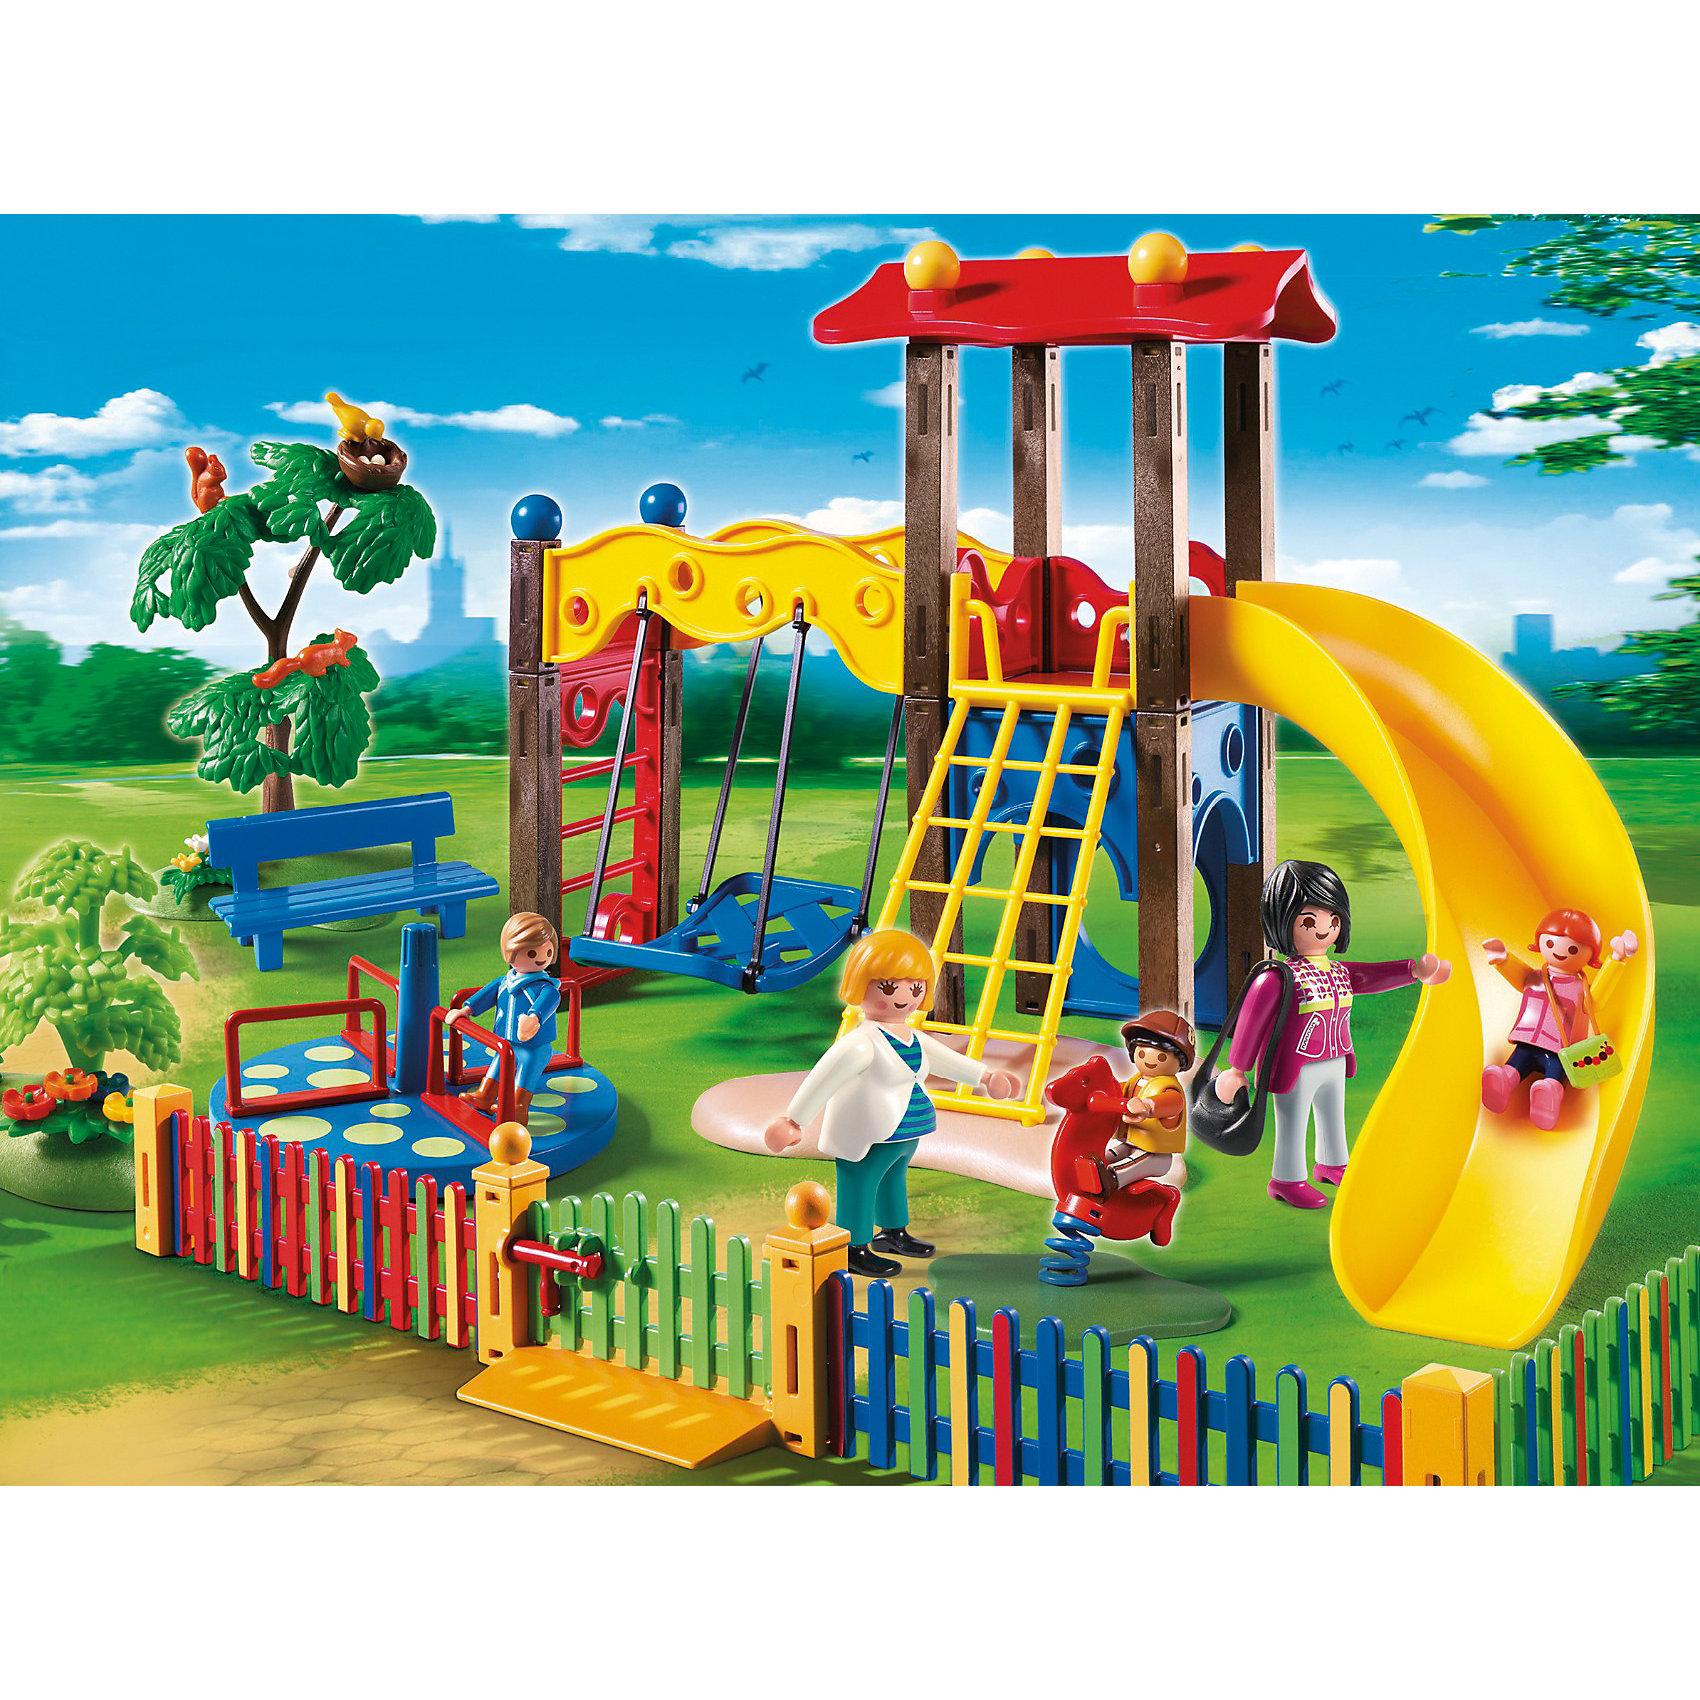 Детский сад: Игровая площадка, PLAYMOBIL